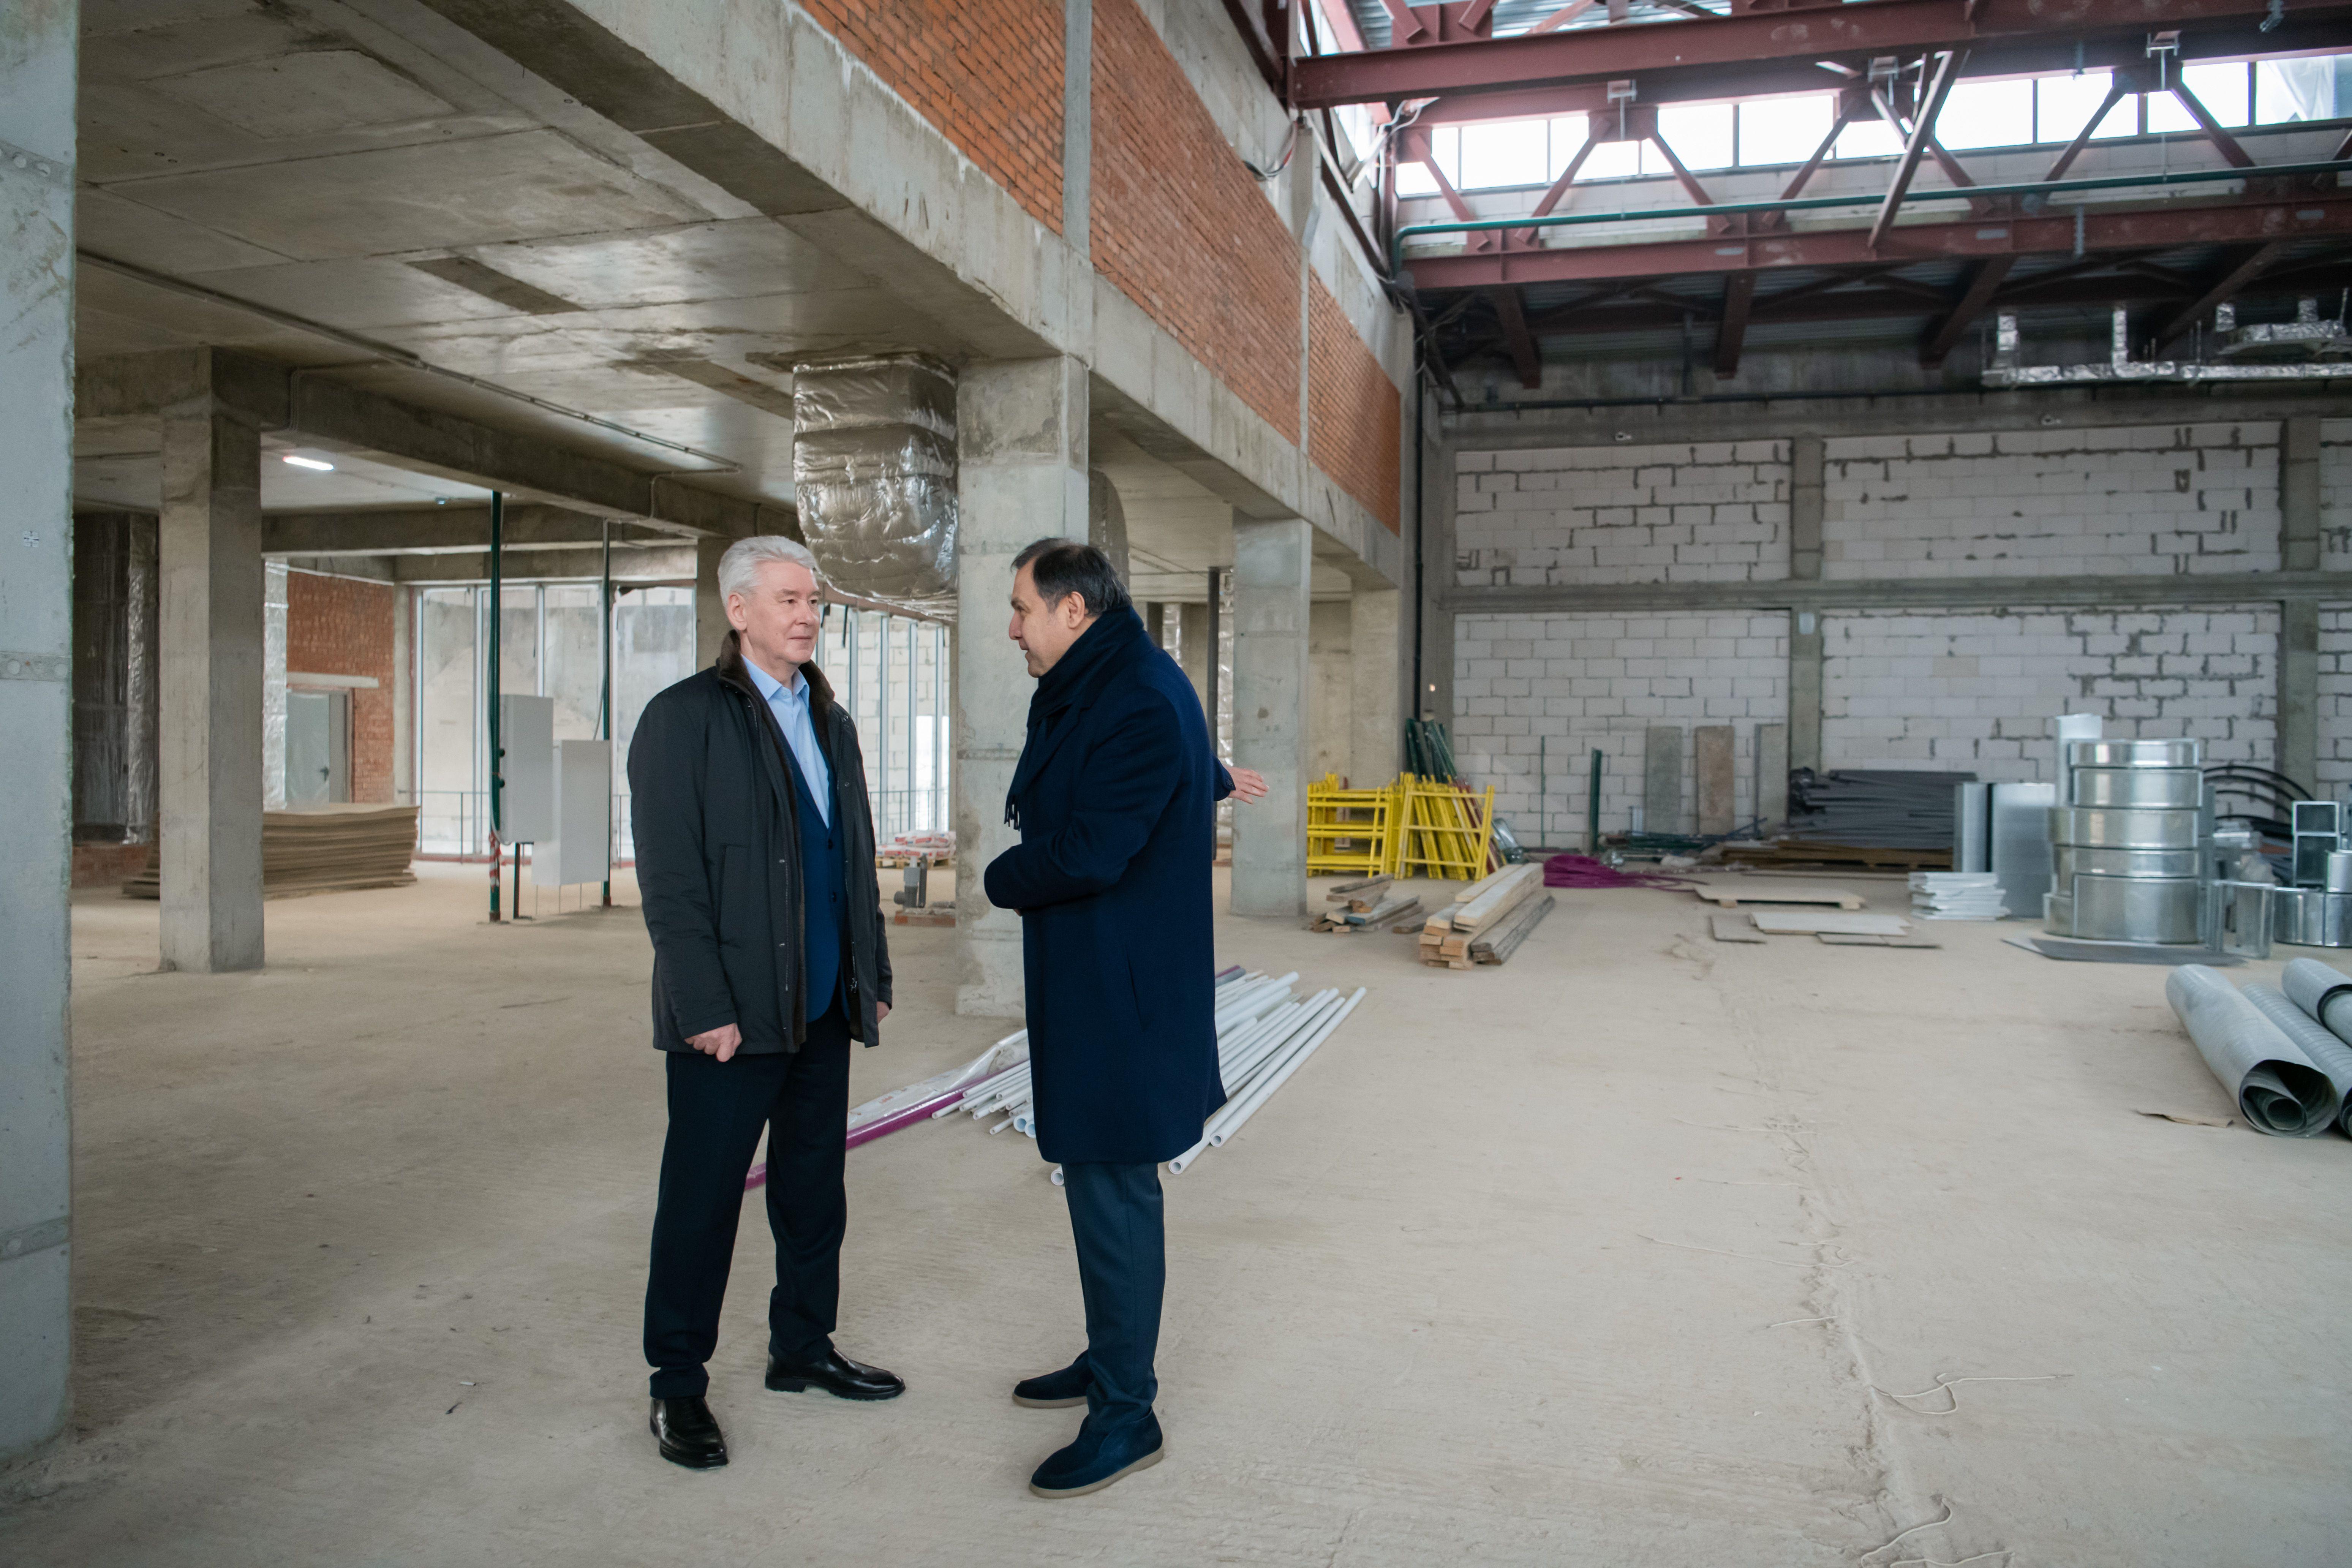 Фото: Мэр Москвы Сергей Собянин рассказал о развитии в Куркине программы «Мой район»